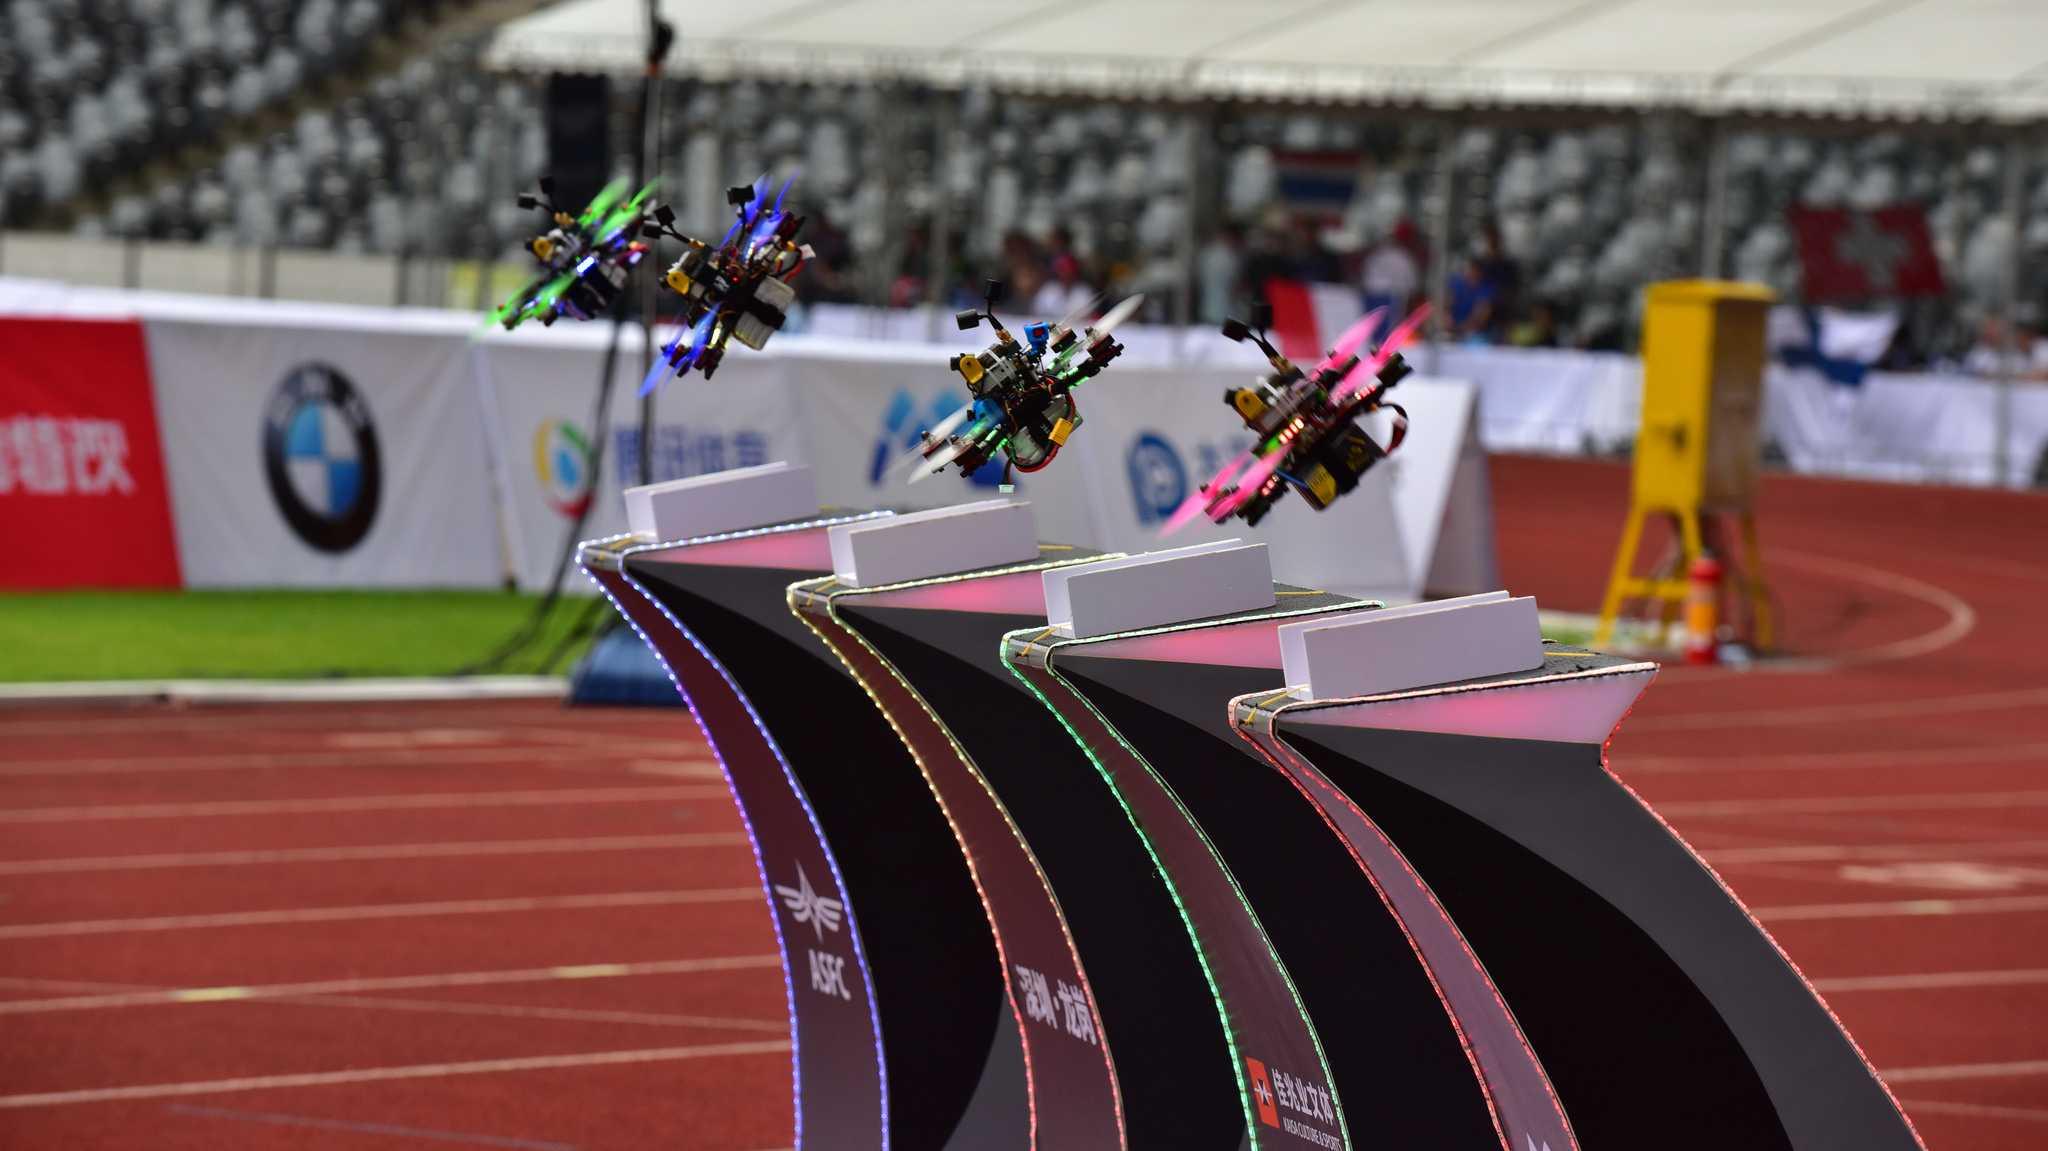 2018 FAI World Drone Racing Championships: Teenager gewinnen erste offizielle Weltmeisterschaft